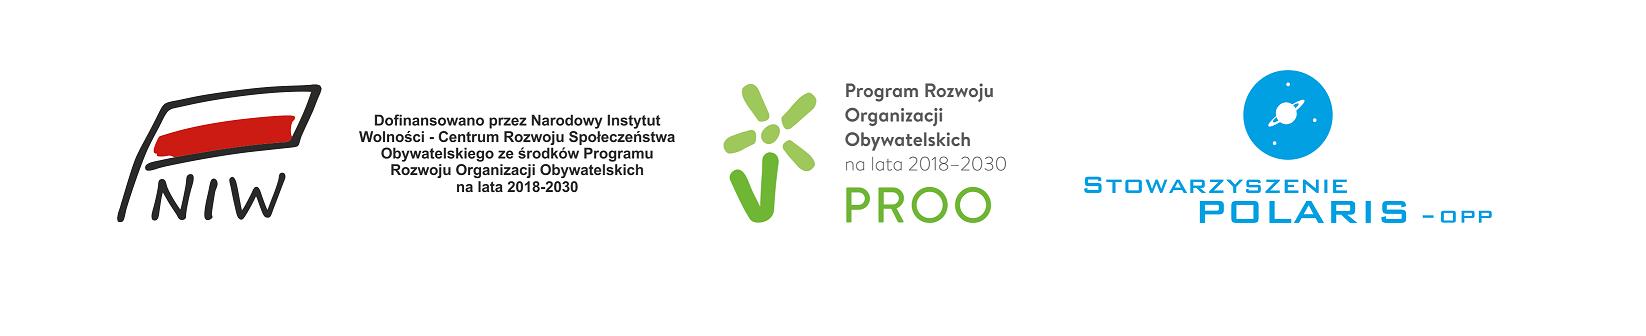 logo_NIW